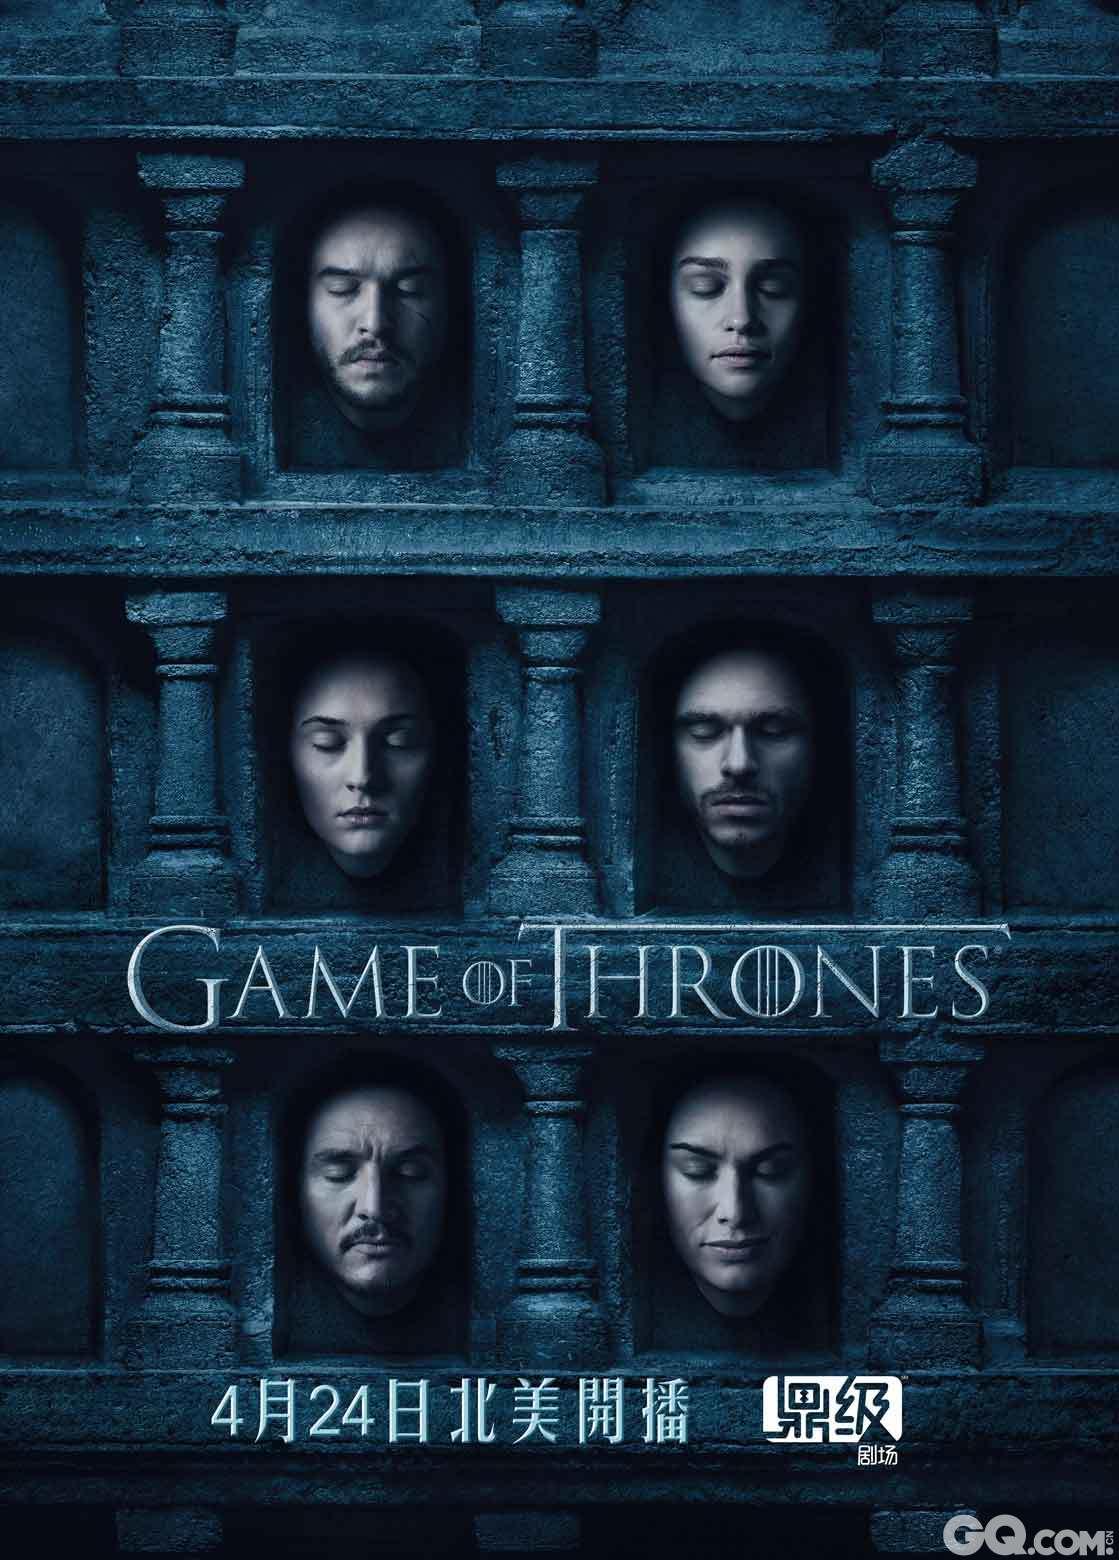 广受好评的HBO强档剧集《权力的游戏》(Game of Thrones)第一次在全球各个市场同步公开最新第六季的主视觉图与角色海报。